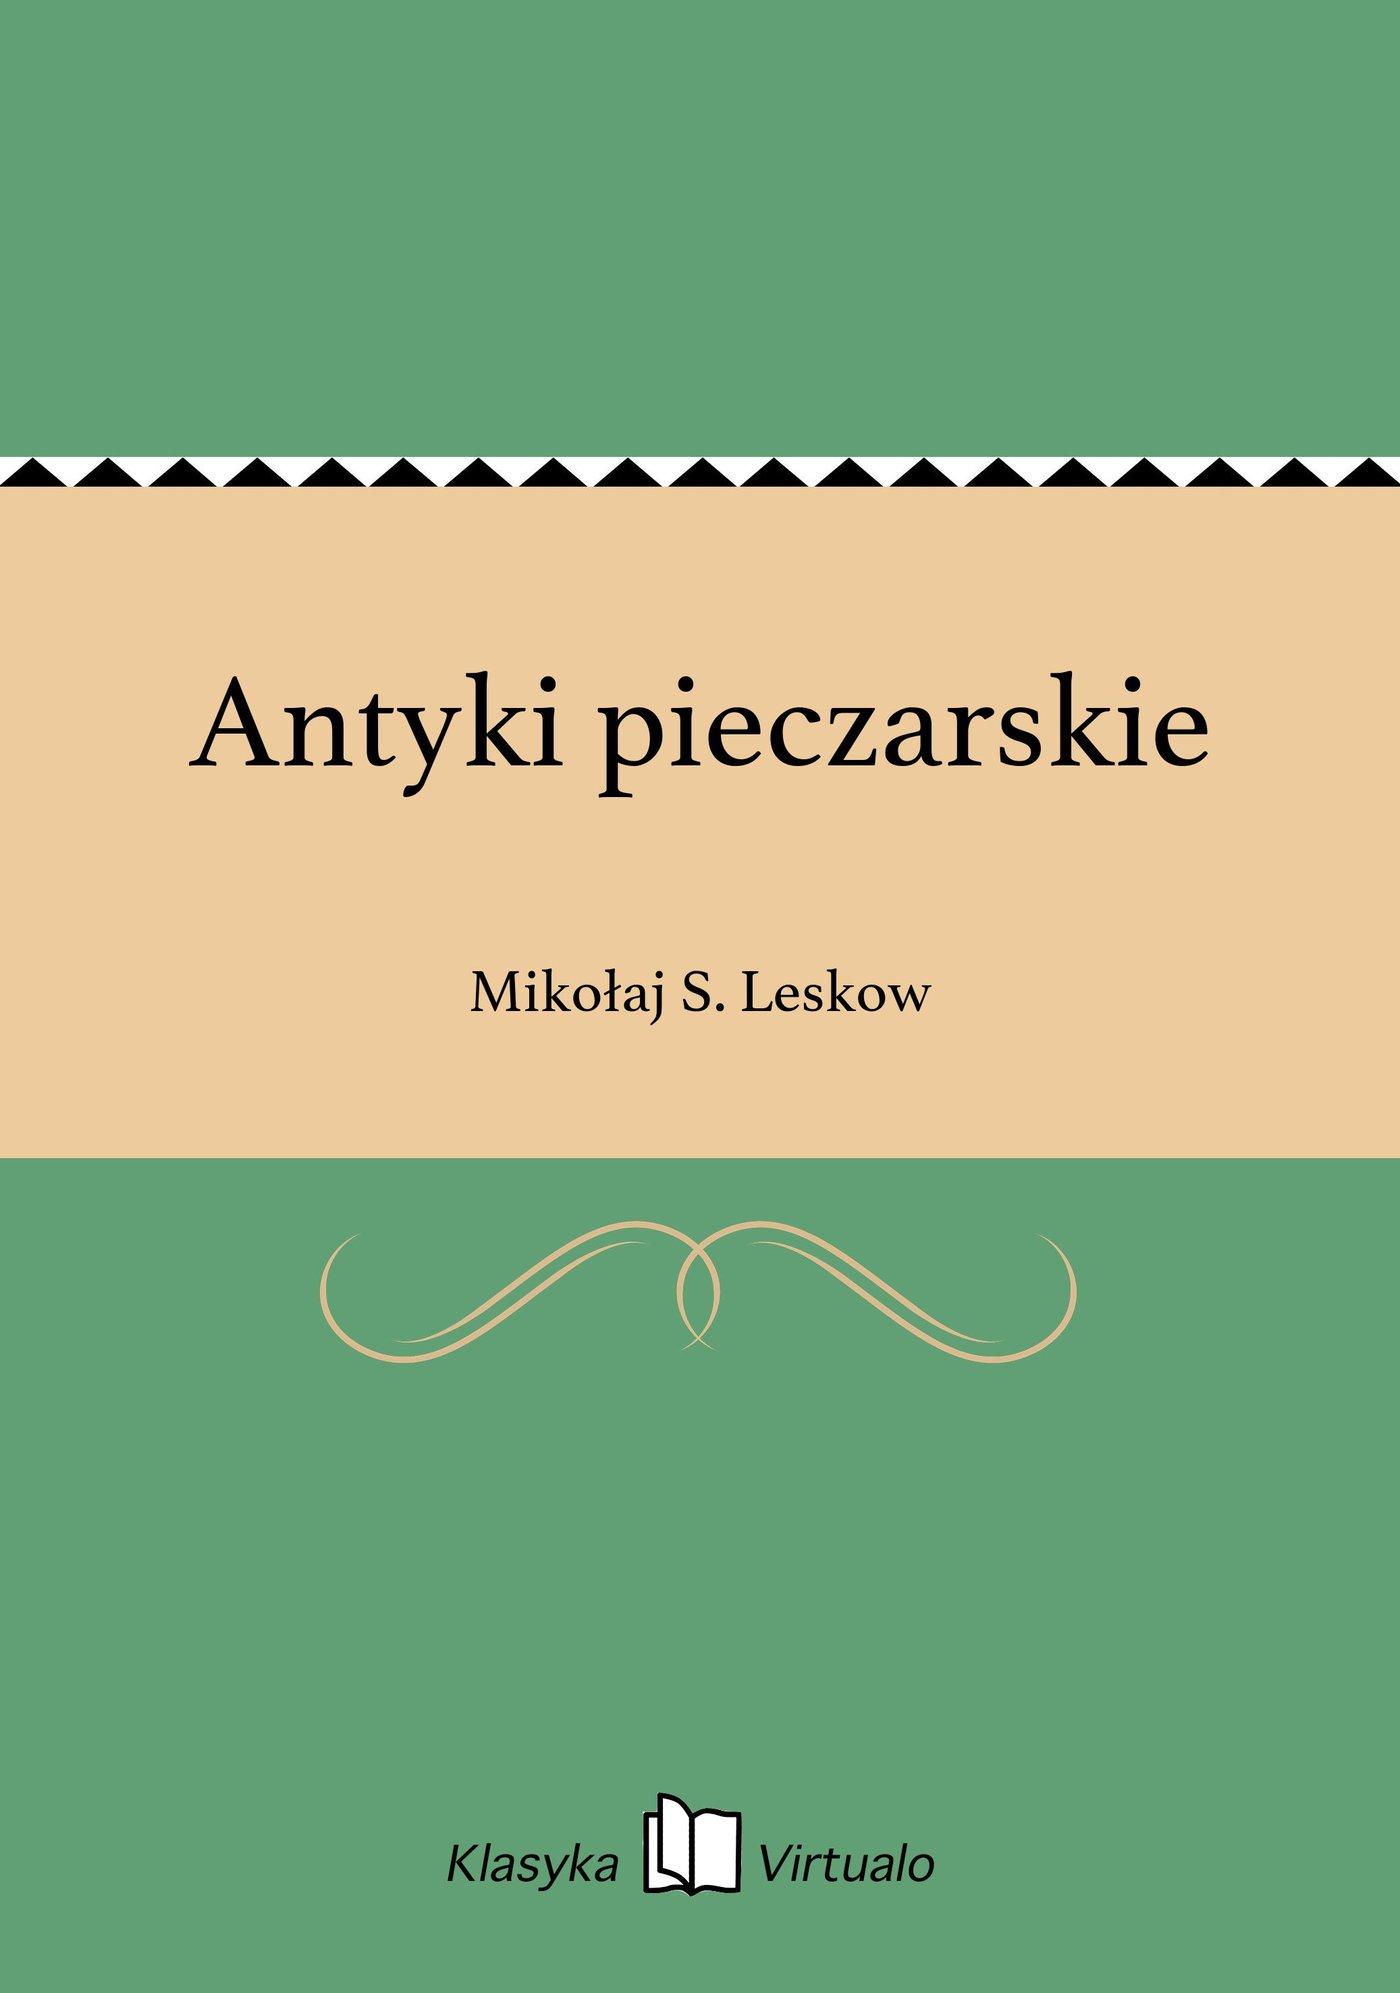 Antyki pieczarskie - Ebook (Książka EPUB) do pobrania w formacie EPUB